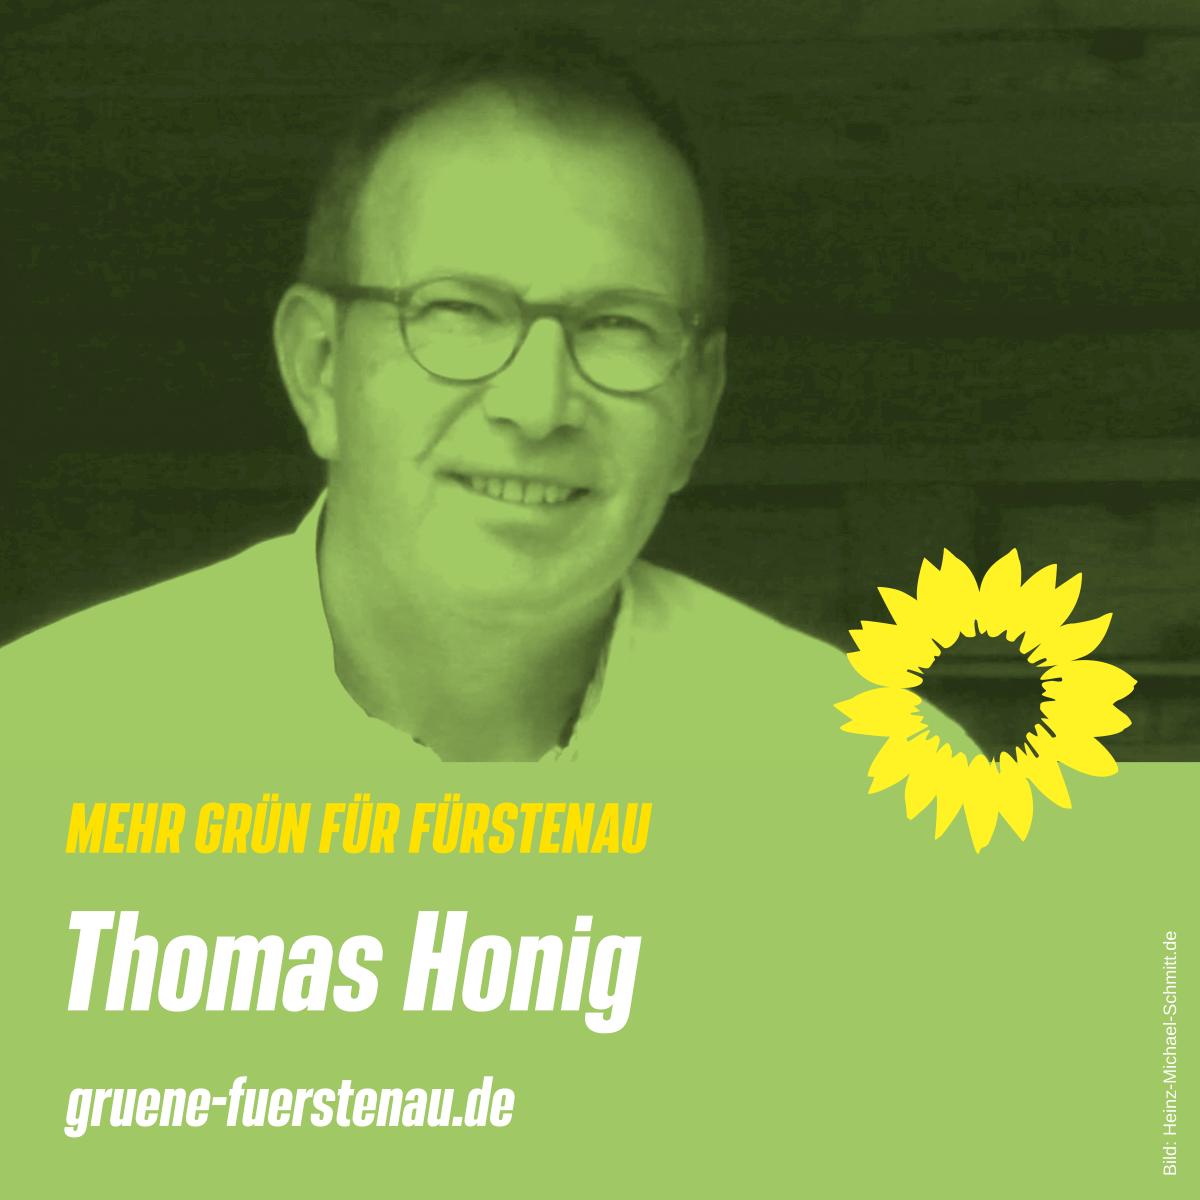 Thomas Honig, Kandidat Bündnis 90/ DIE GRÜNEN